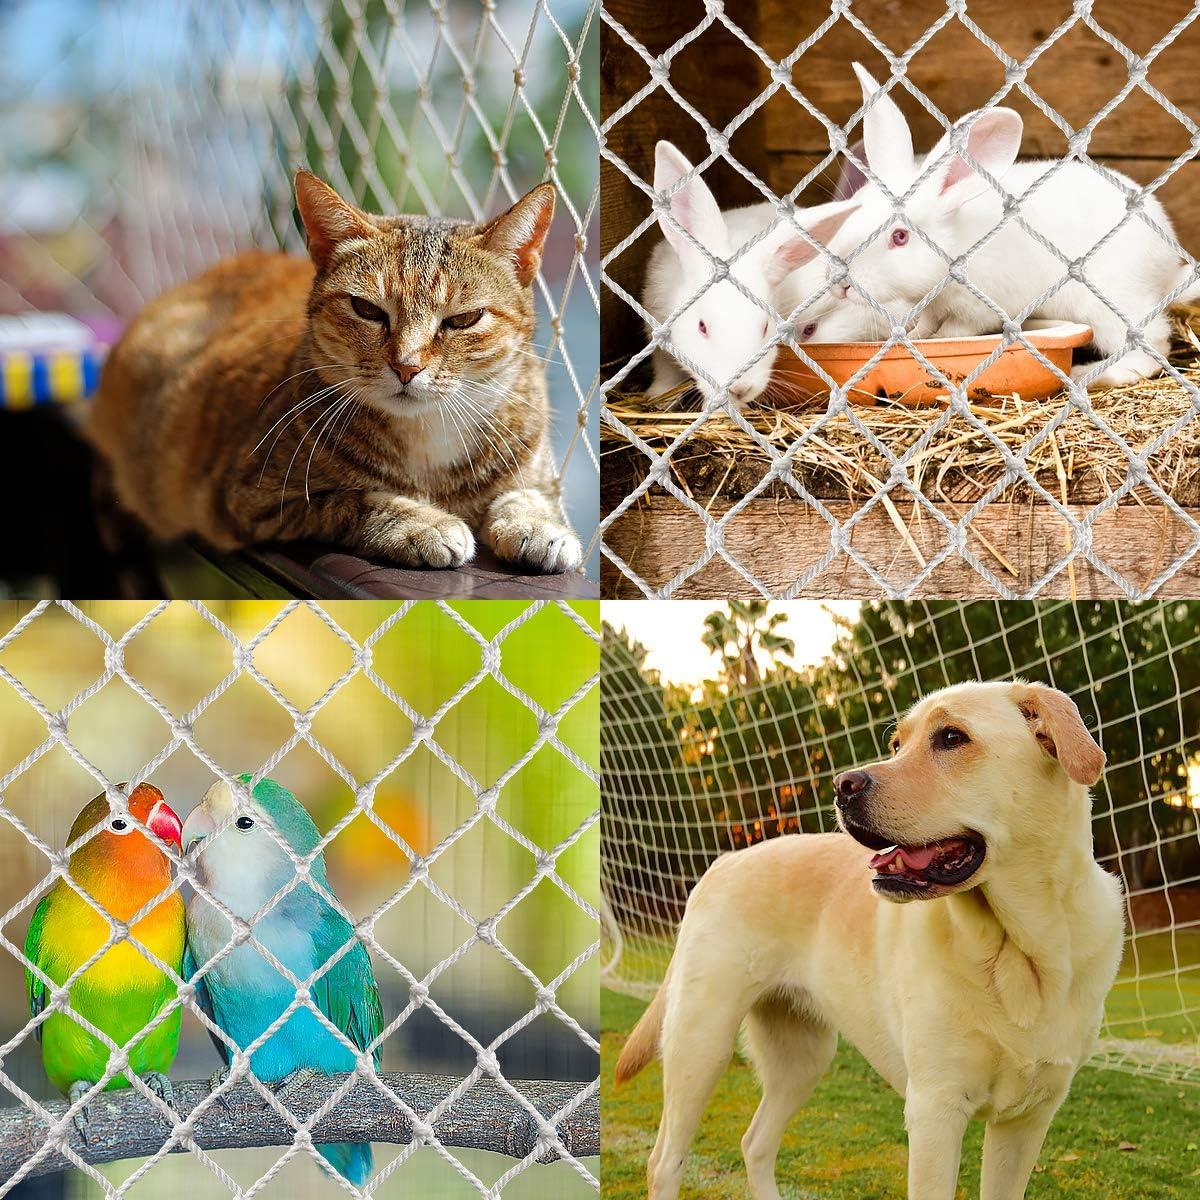 1,5 x 2 m escaleras valla de malla para balc/ón ventanas protecci/ón contra ca/ídas YOPOTIKA Red de seguridad para gatos y mascotas